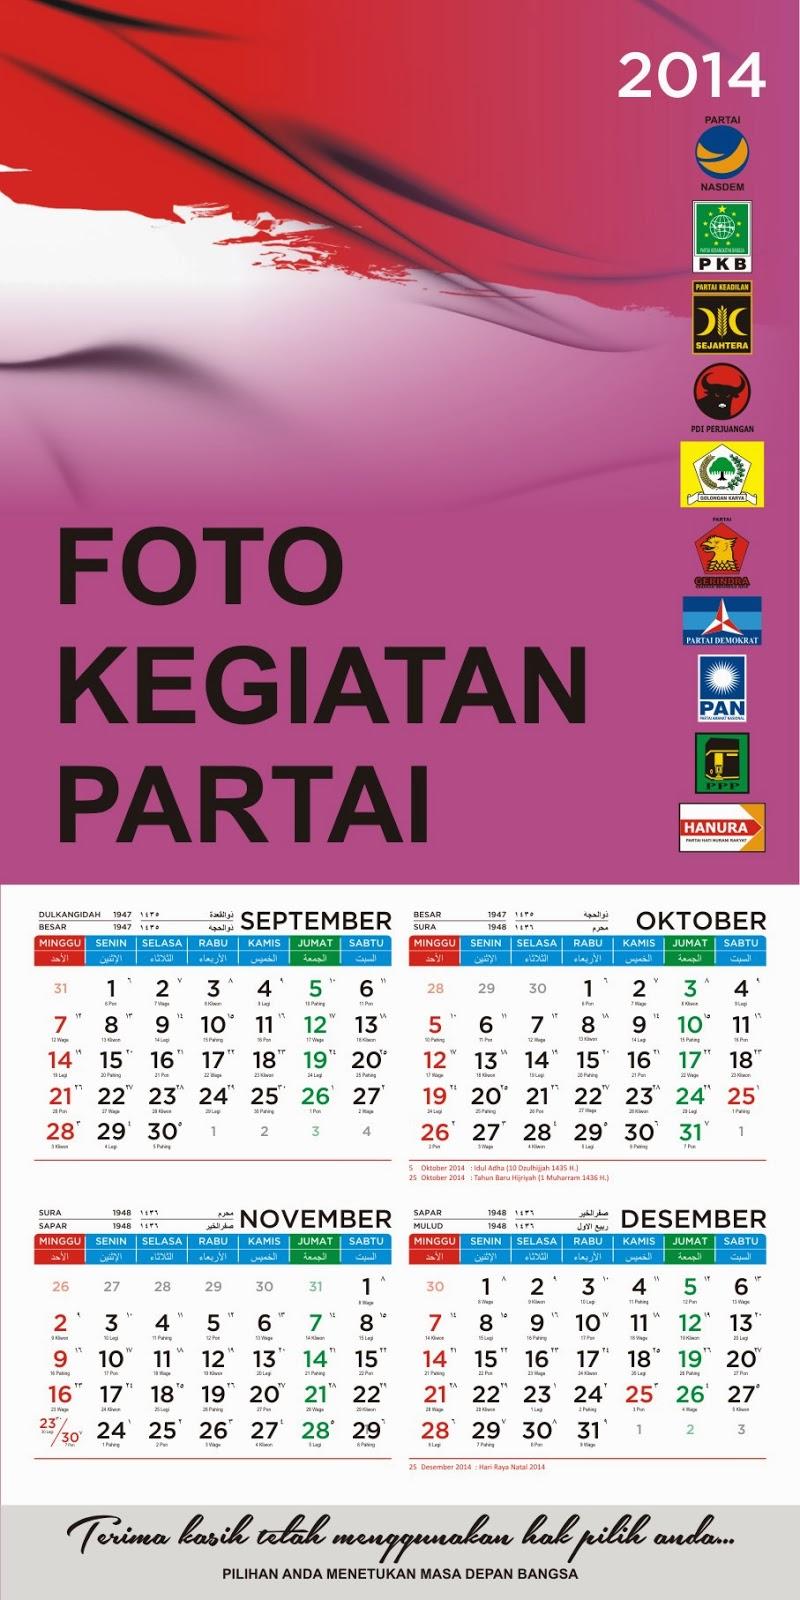 Kalender 2014 Murah dan Eksklusif untuk Kampanye Sosialisasi Partai